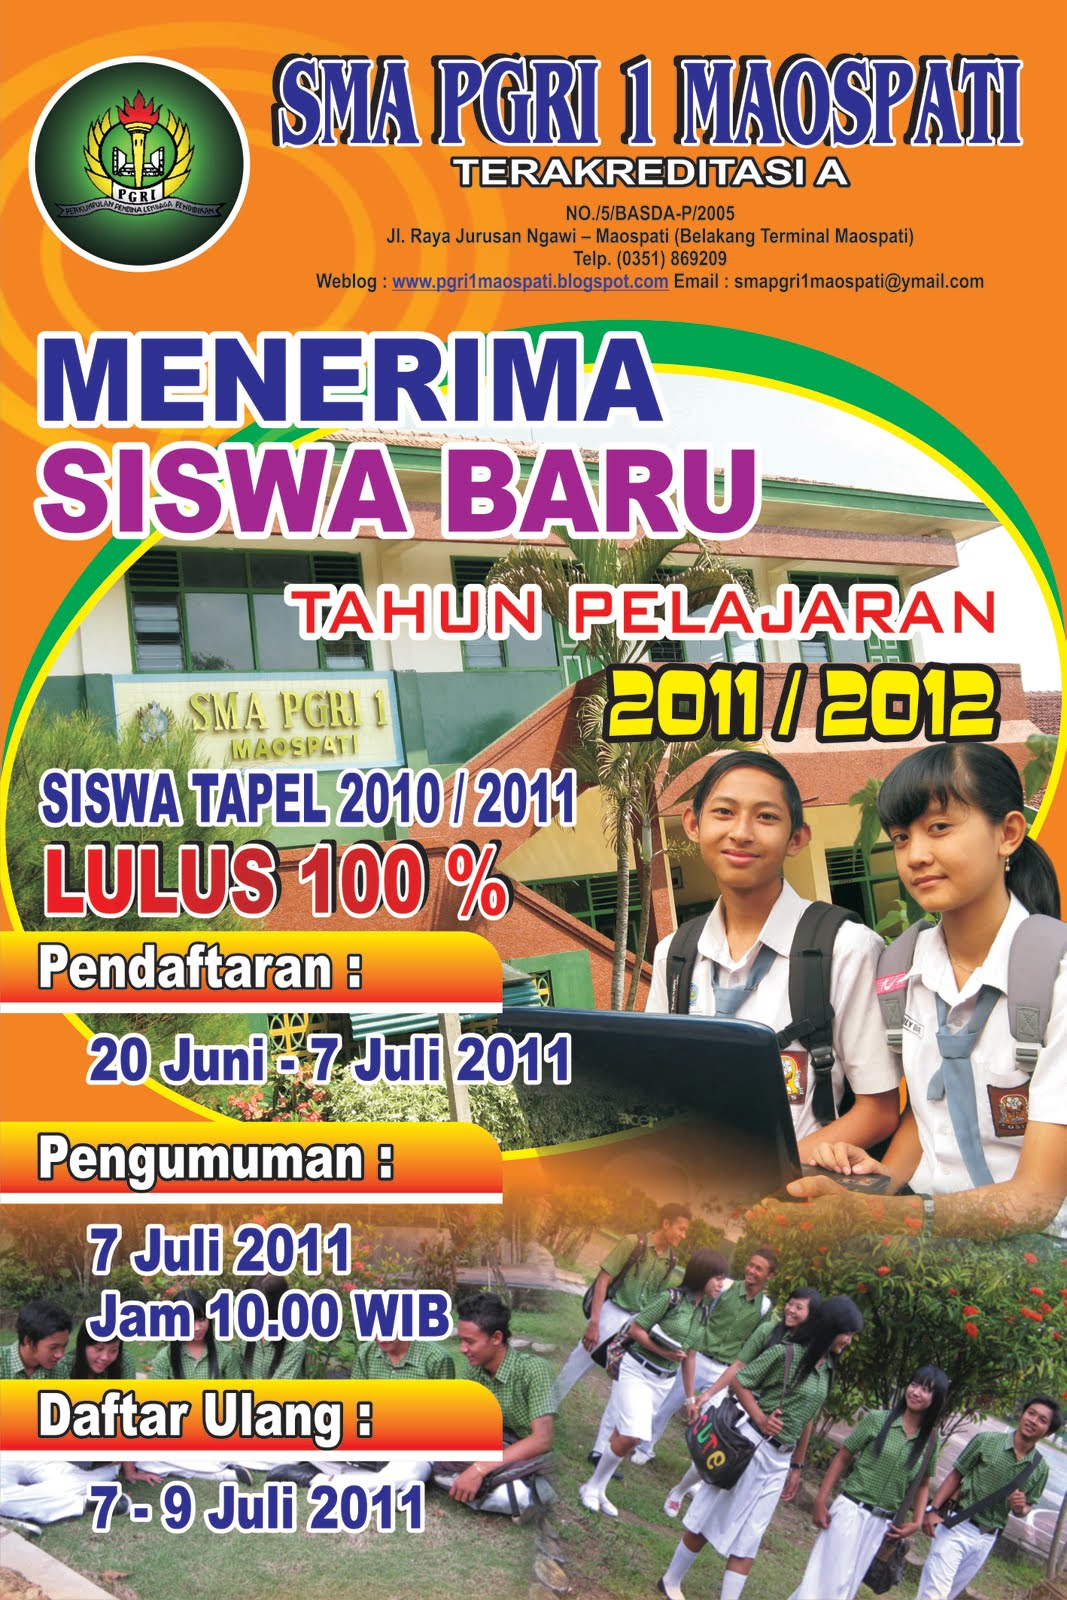 contoh-contoh sekolah brosur SMA